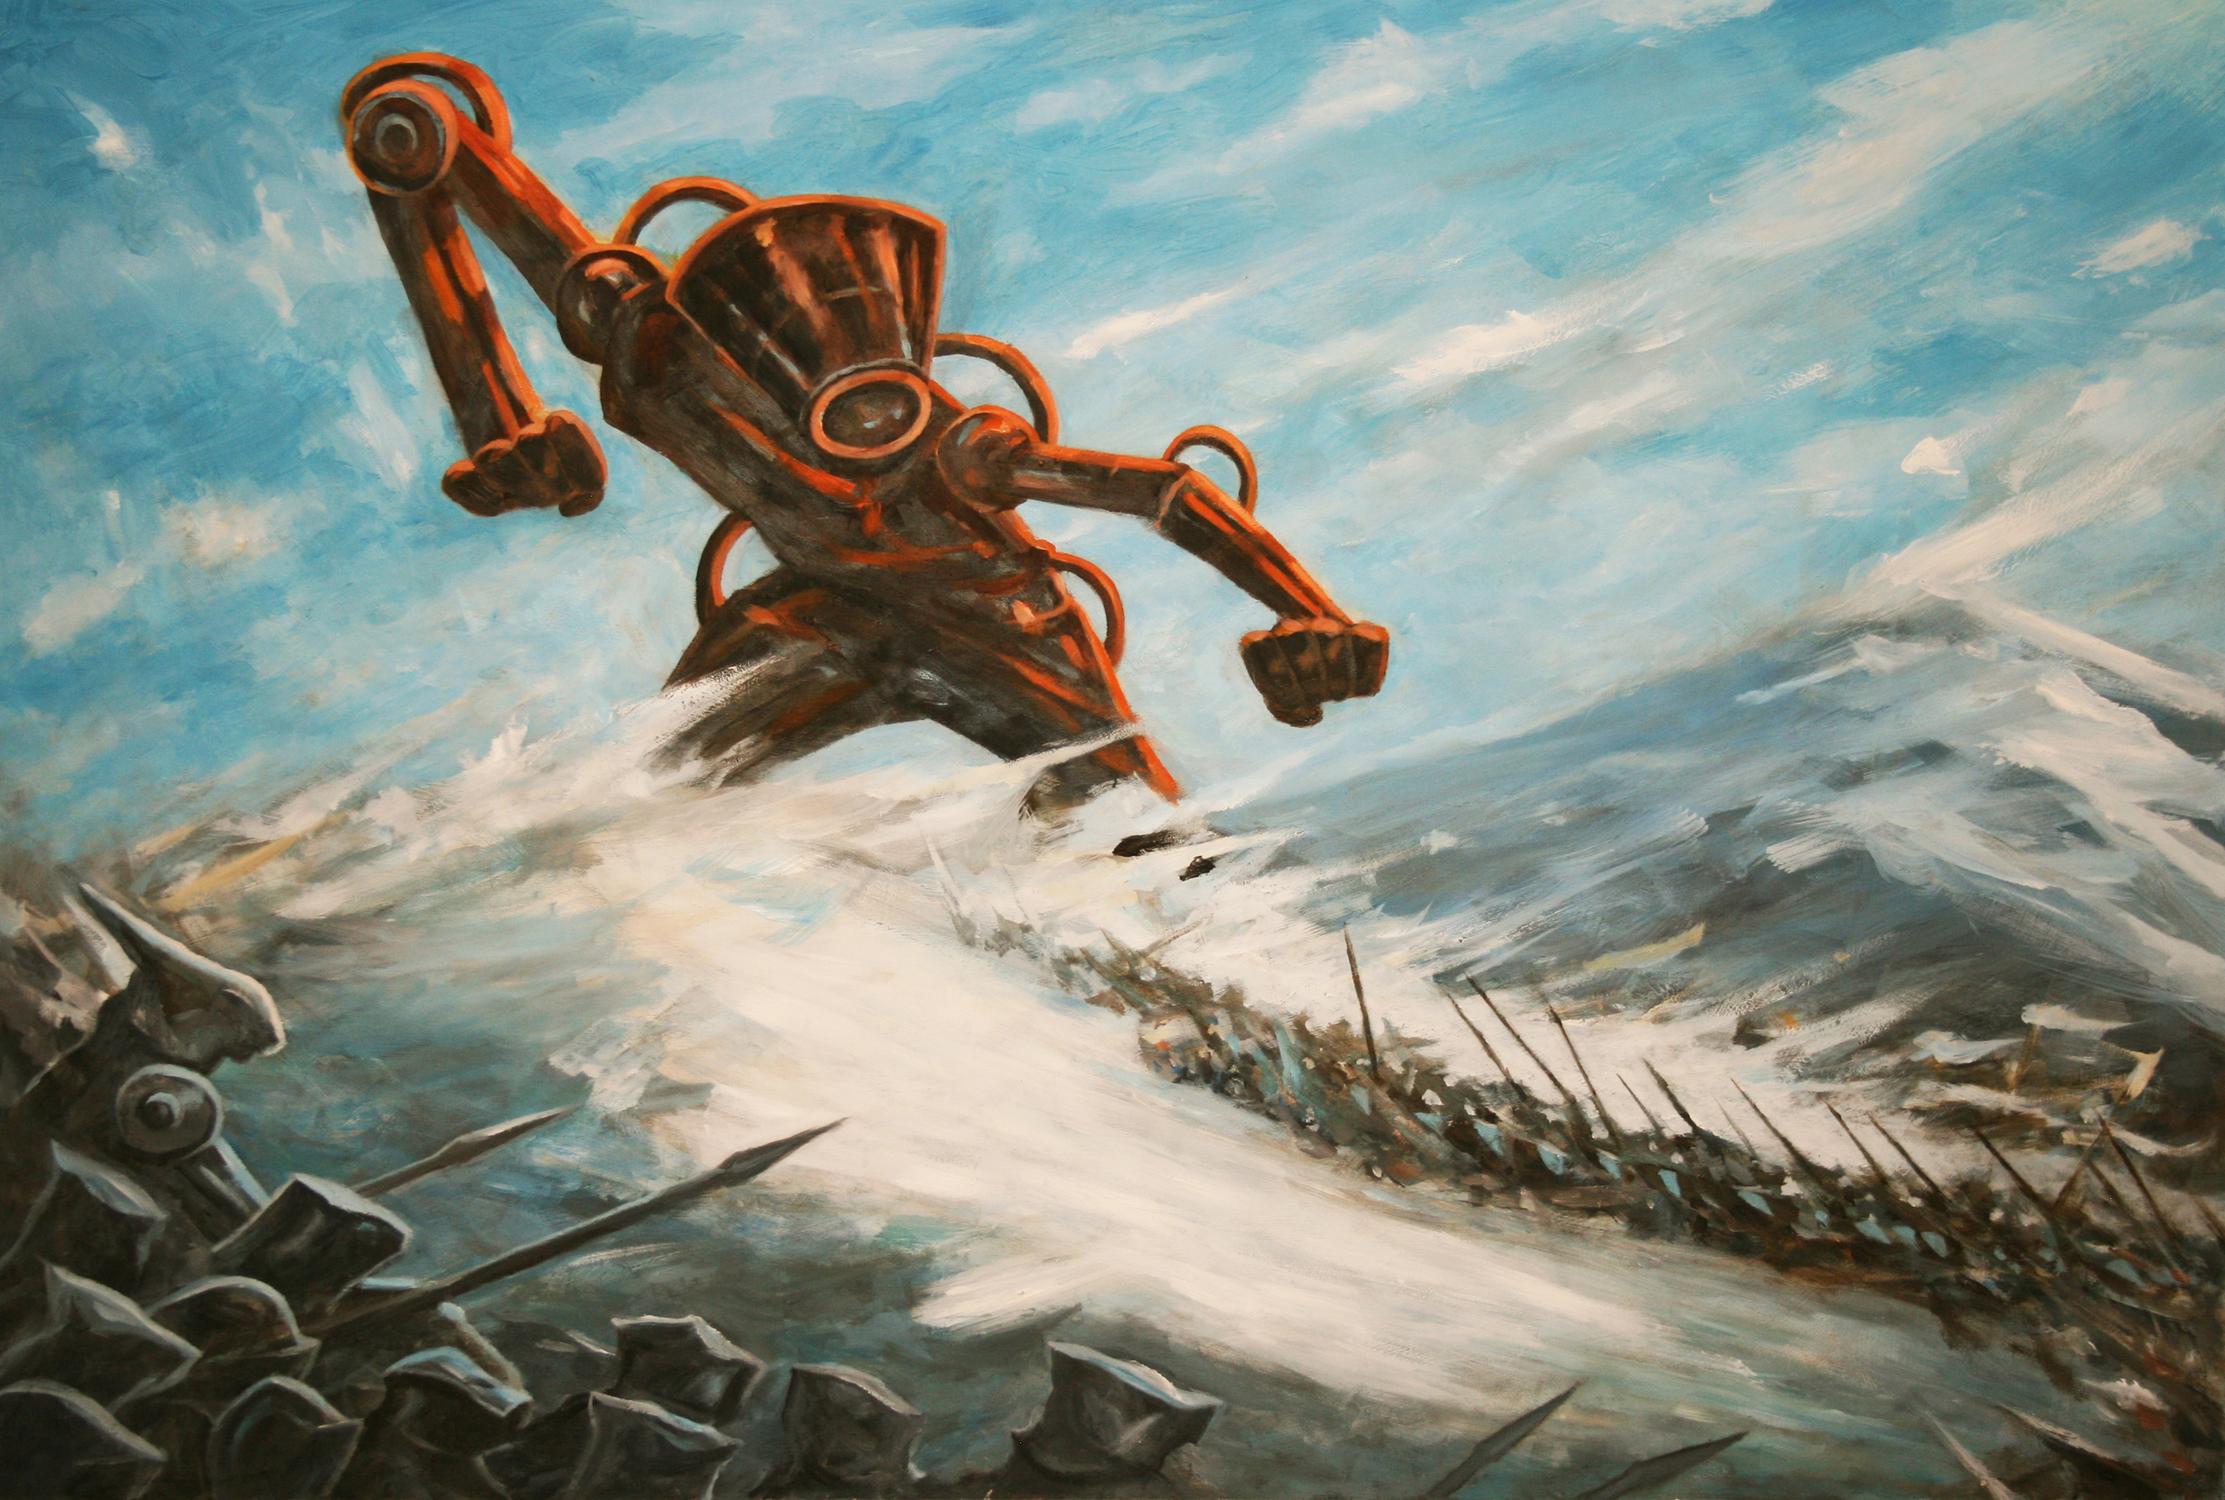 Titan 1 Artwork by Brian McElligott